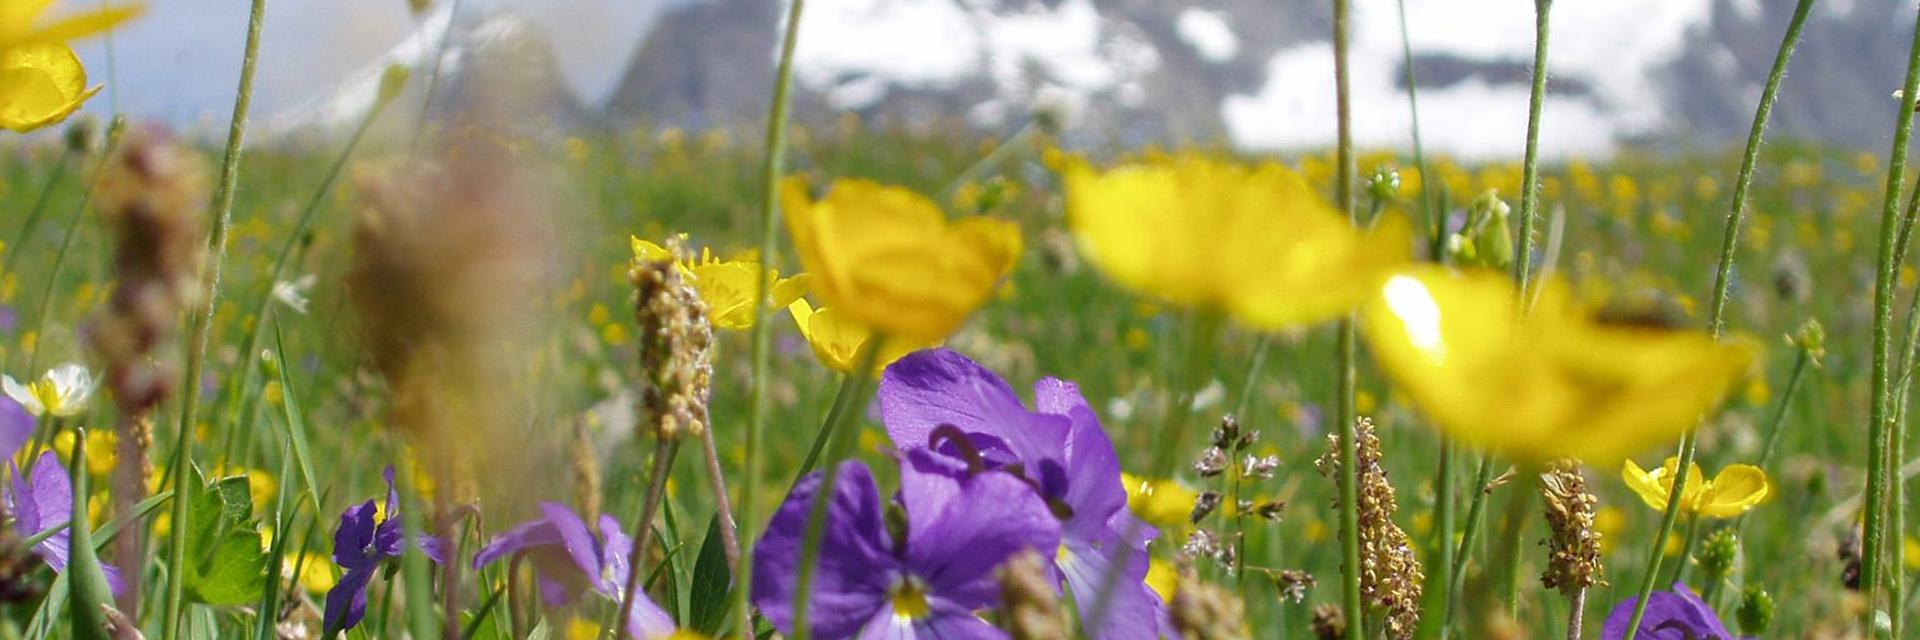 fleurs-montagne-ete